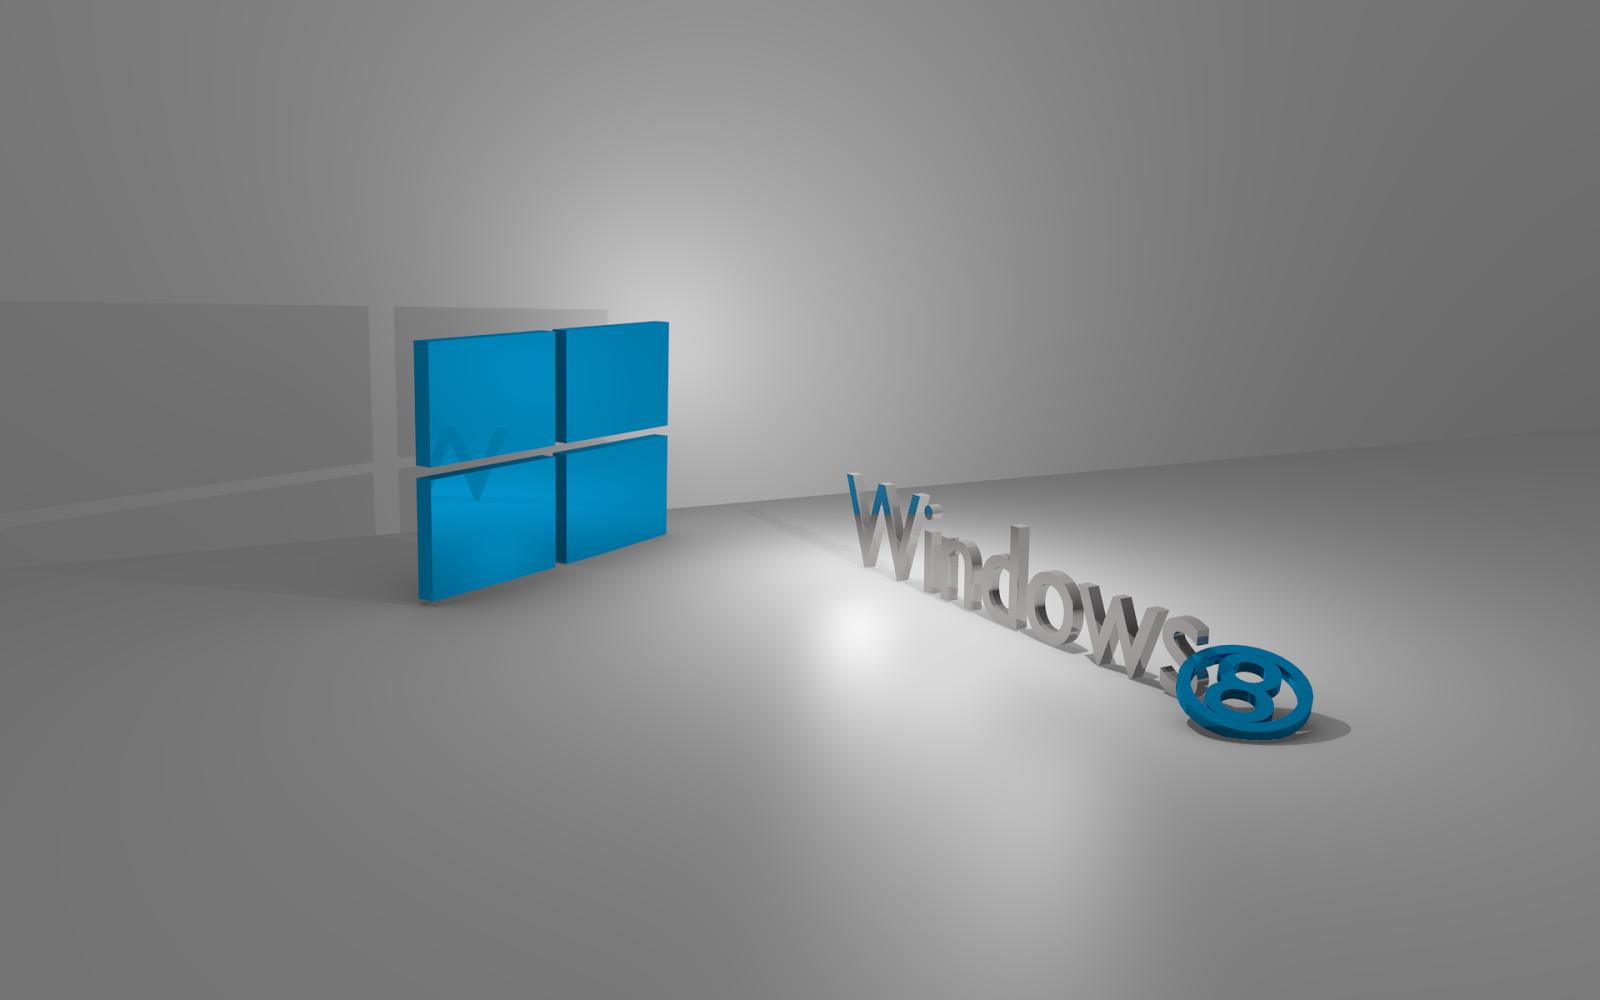 تحميل ثيم Windows 81 لـ Windows Xp مدونة المبدع للمعلوميات